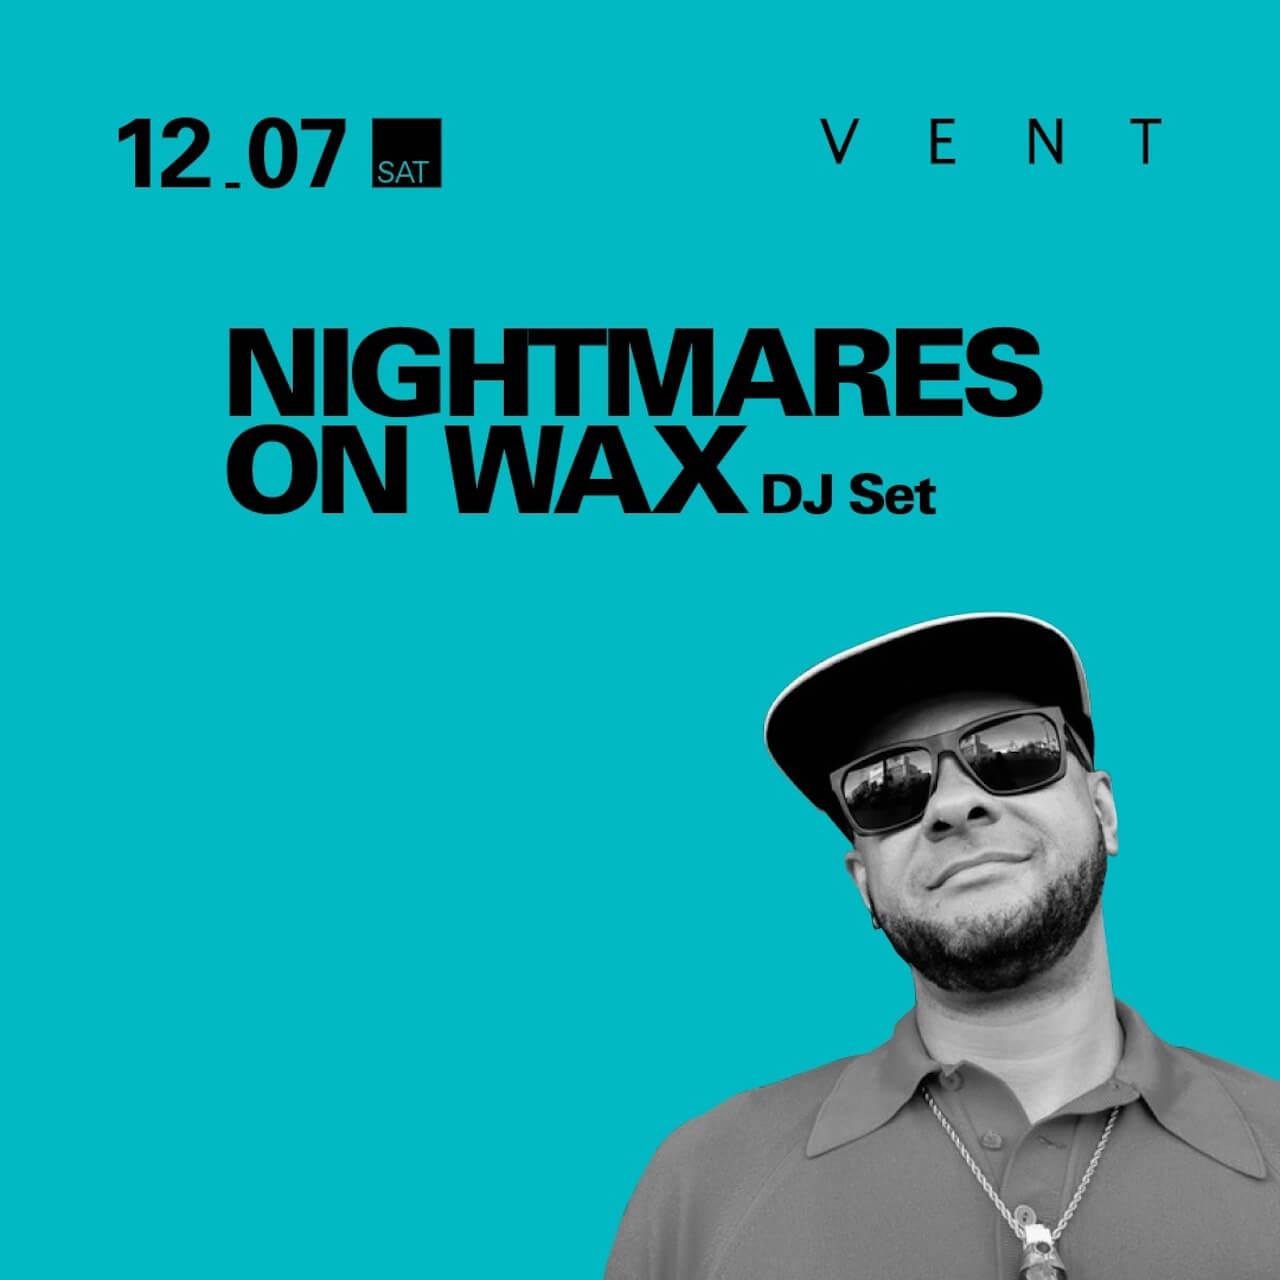 ダウンテンポの巨匠、Nightmares On Waxが12月に来日|VENTでDJセットを披露 music191108-nightmareonwax-3